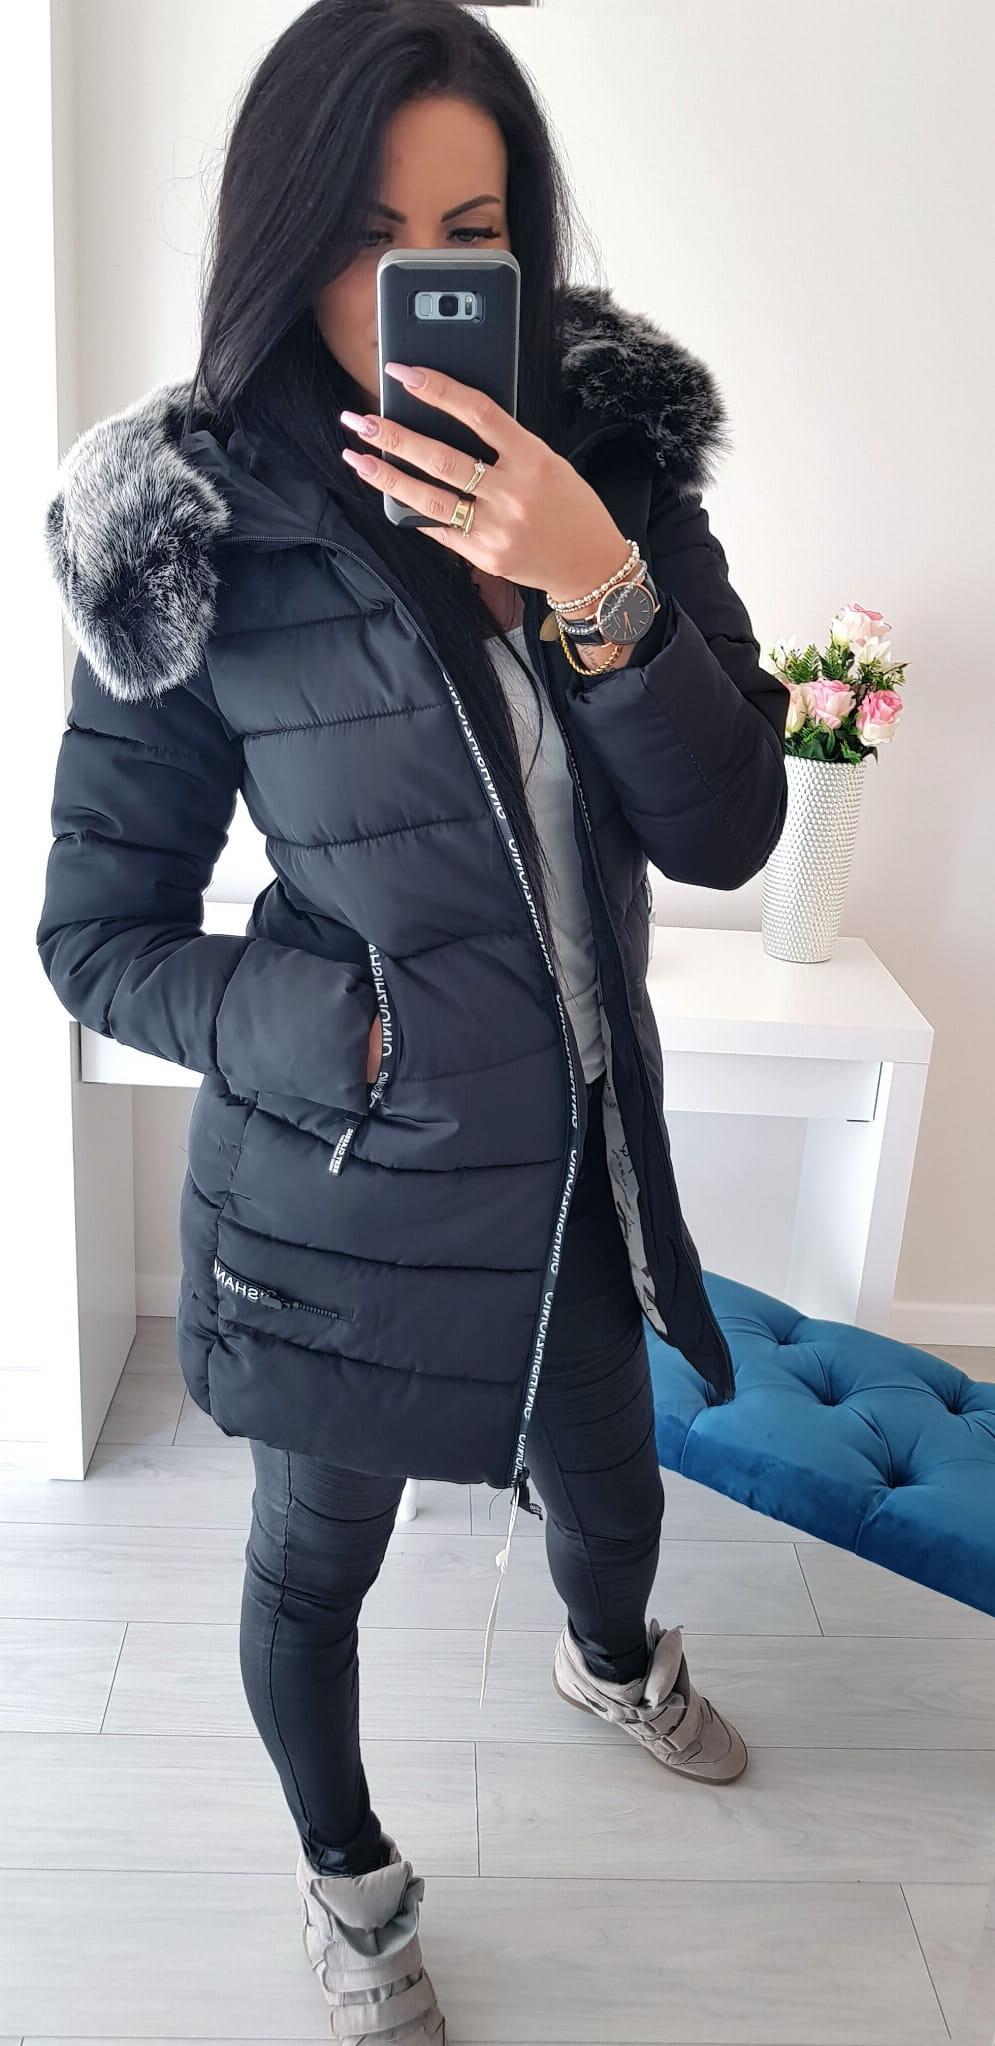 Kurtka Płaszcz Outfit Black Andżela Sklep Online